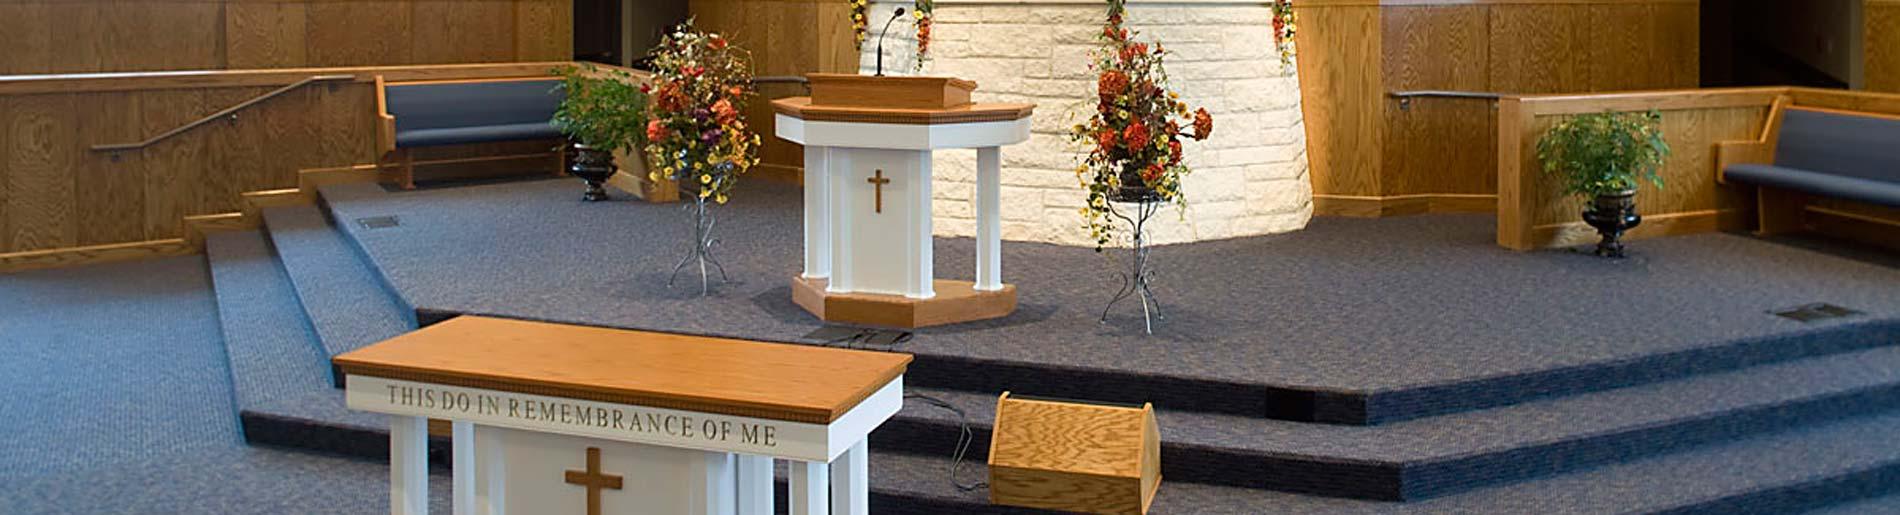 Tremendous Pulpit Furniture By Sets Imperial Woodworks Inc Pews Com Machost Co Dining Chair Design Ideas Machostcouk